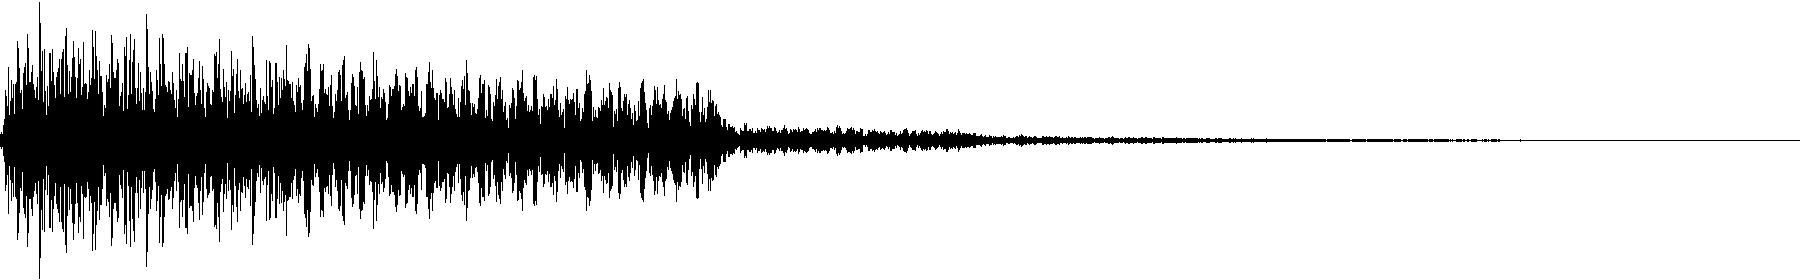 veh2 synths   086 c